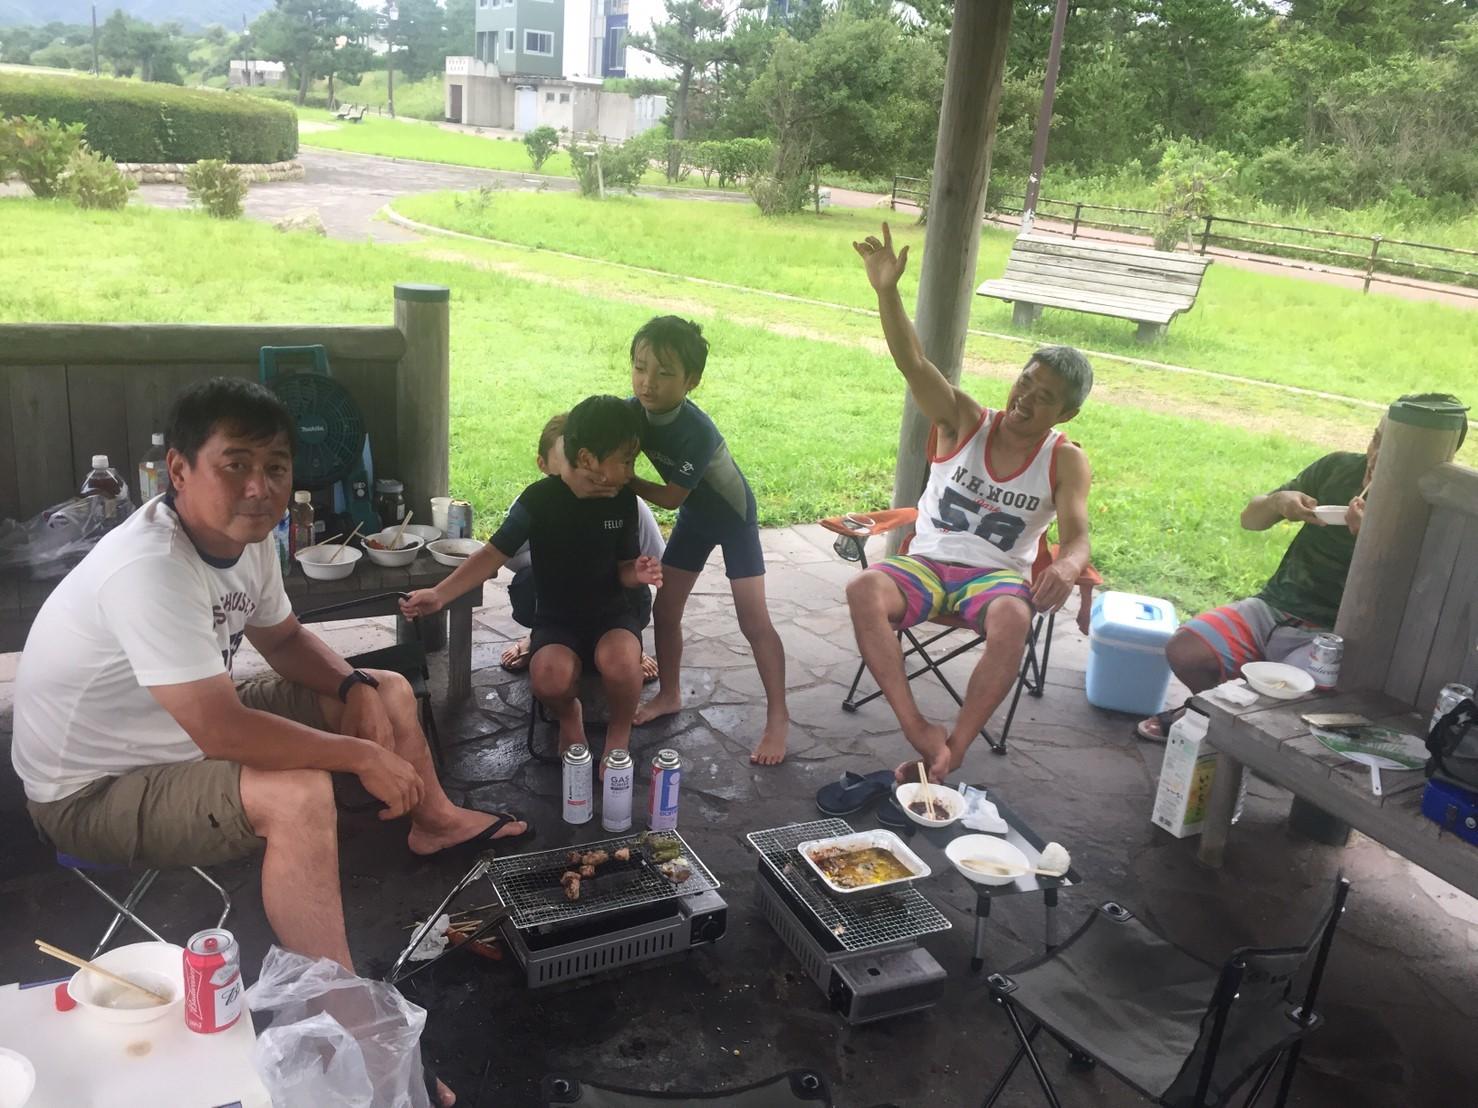 サーフィン部BBQ @大谷海岸_e0115904_10263981.jpg